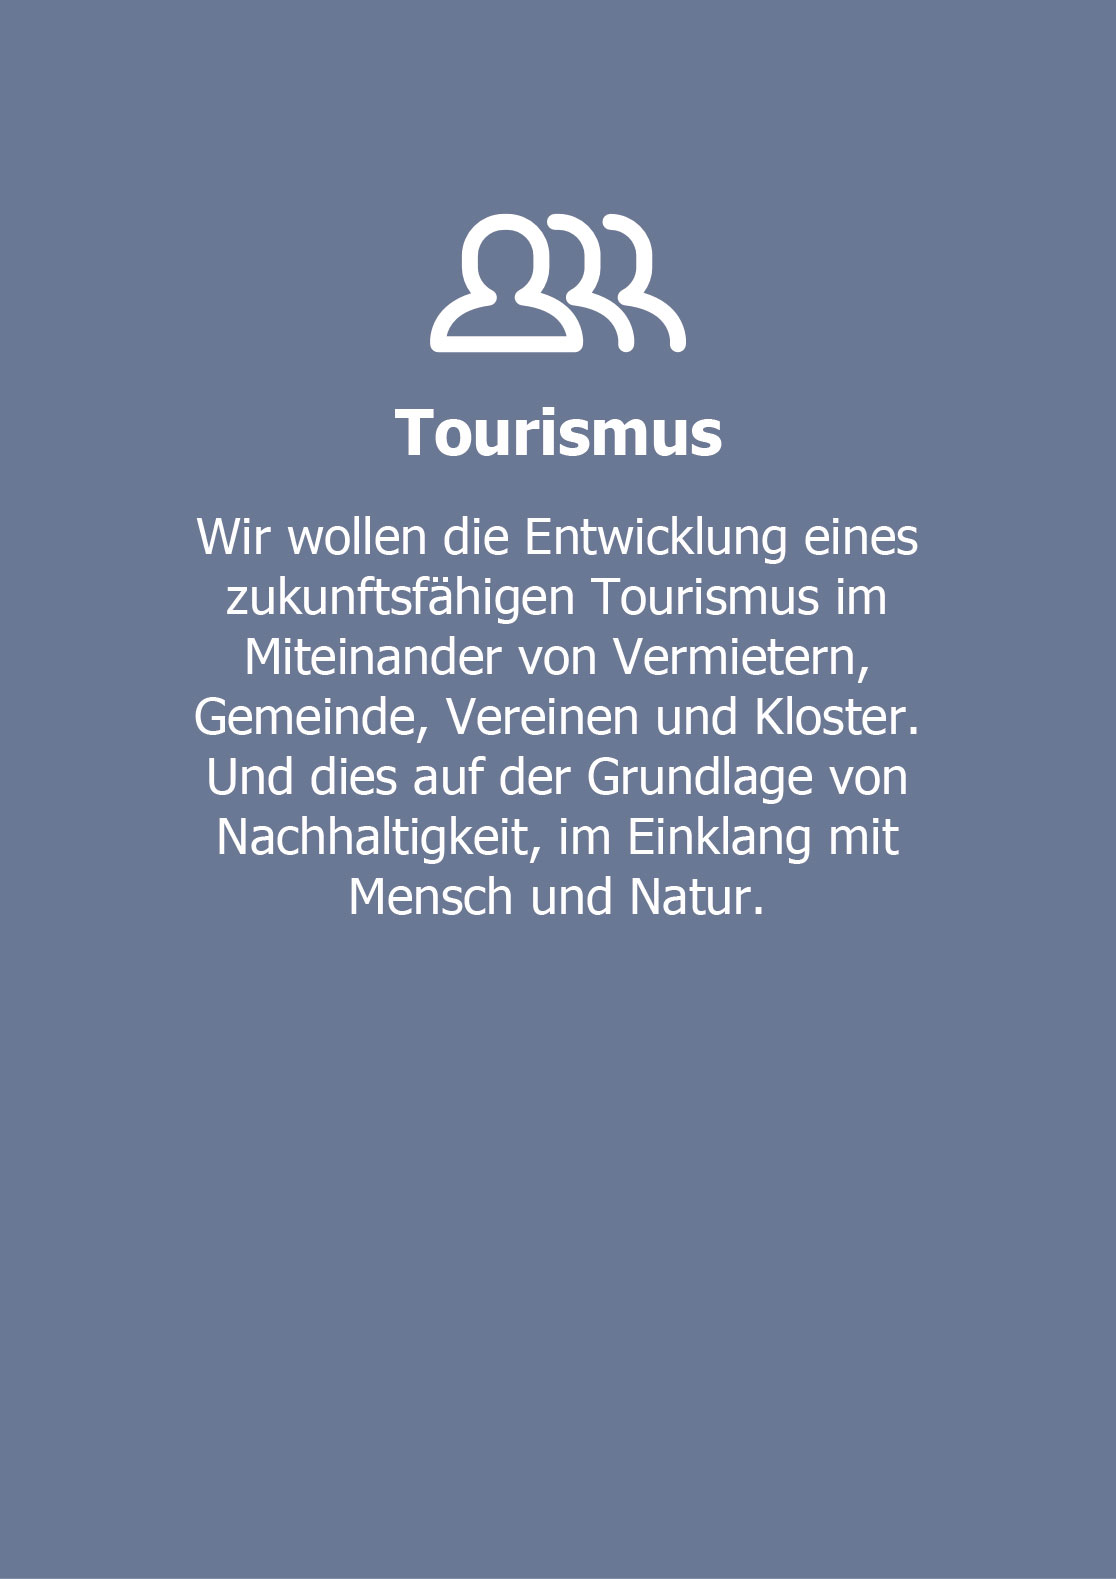 Tourismus  Wir wollen die Entwicklung eines zukunftsfähigen Tourismus im Miteinander von Vermietern, Gemeinde, Vereinen und Kloster. Und dies auf der Grundlage von Nachhaltigkeit,  im Einklang mit Mensch und Natur.